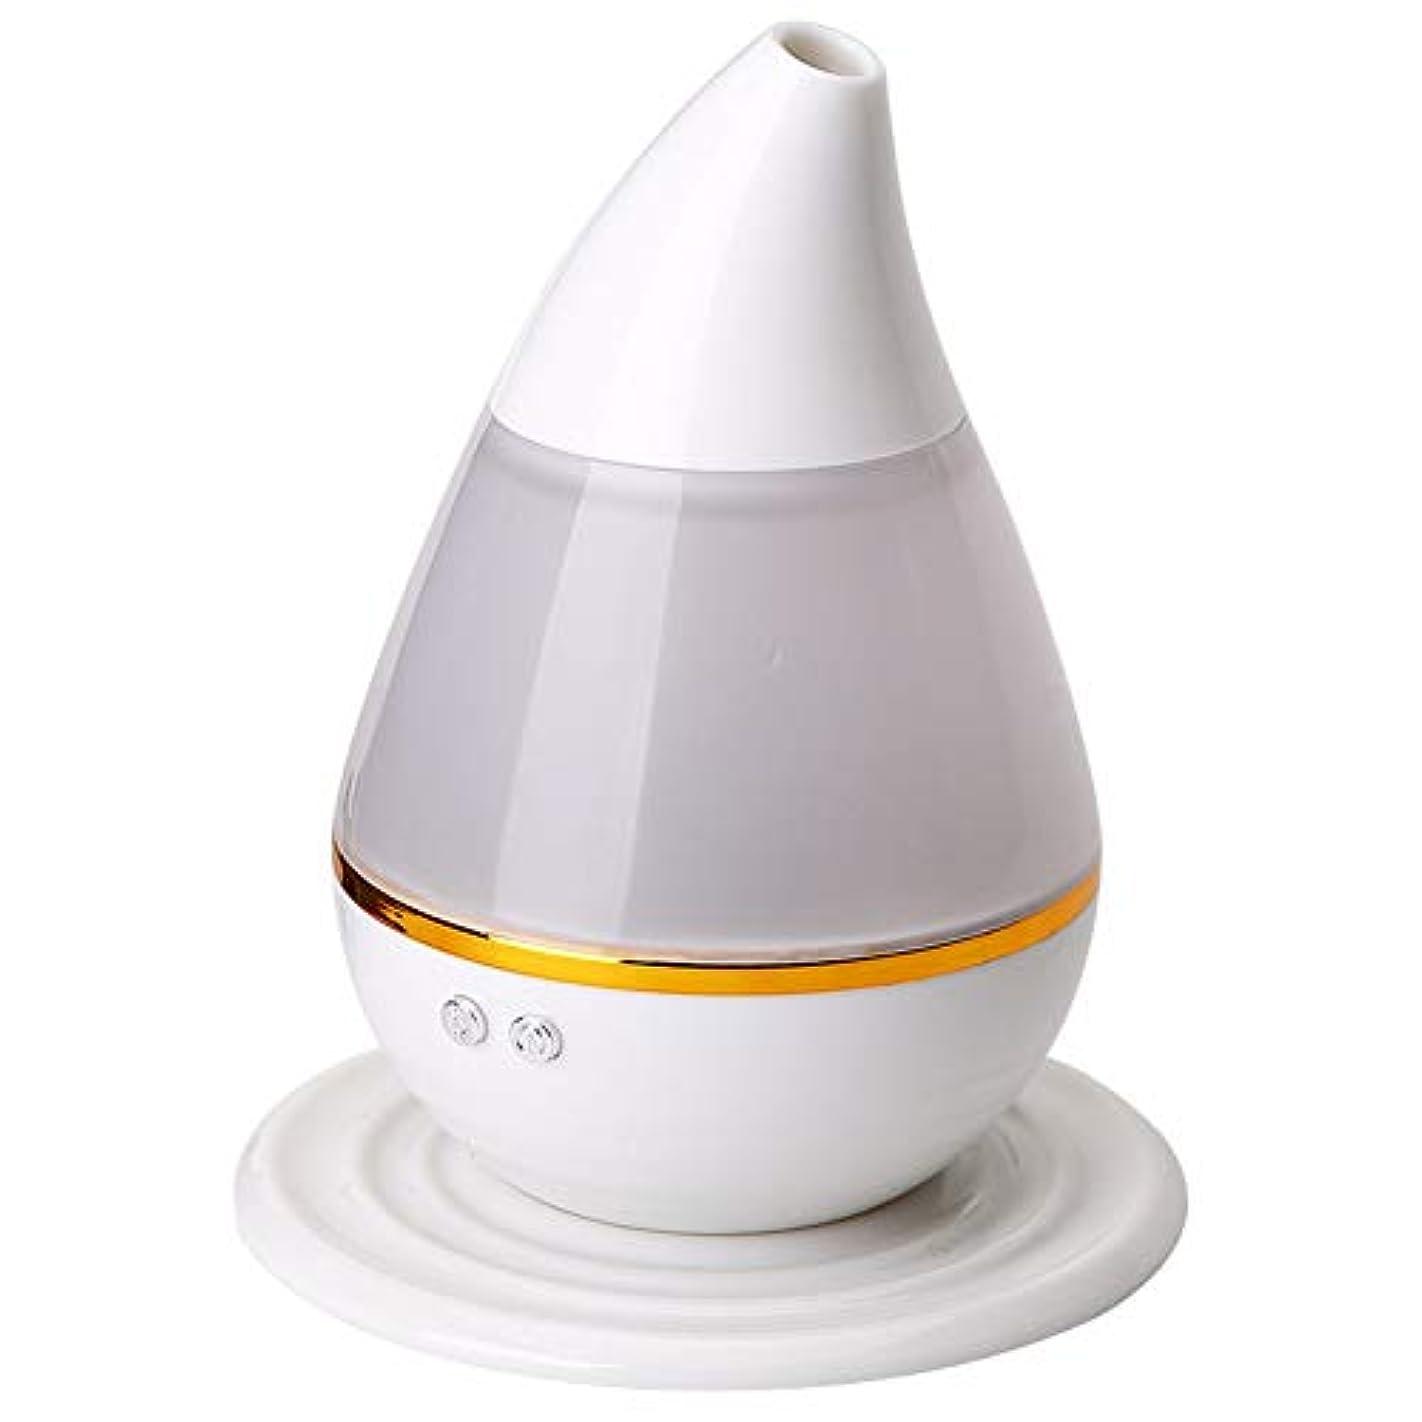 南アメリカマトロン自信があるエッセンシャル オイル ディフューザー, 涼しい霧の加湿器 7色LEDムードランプ そして 自動シャットオフ アロマディフューザー の ホーム オフィス Yoga 車-ホワイト 12x15cm